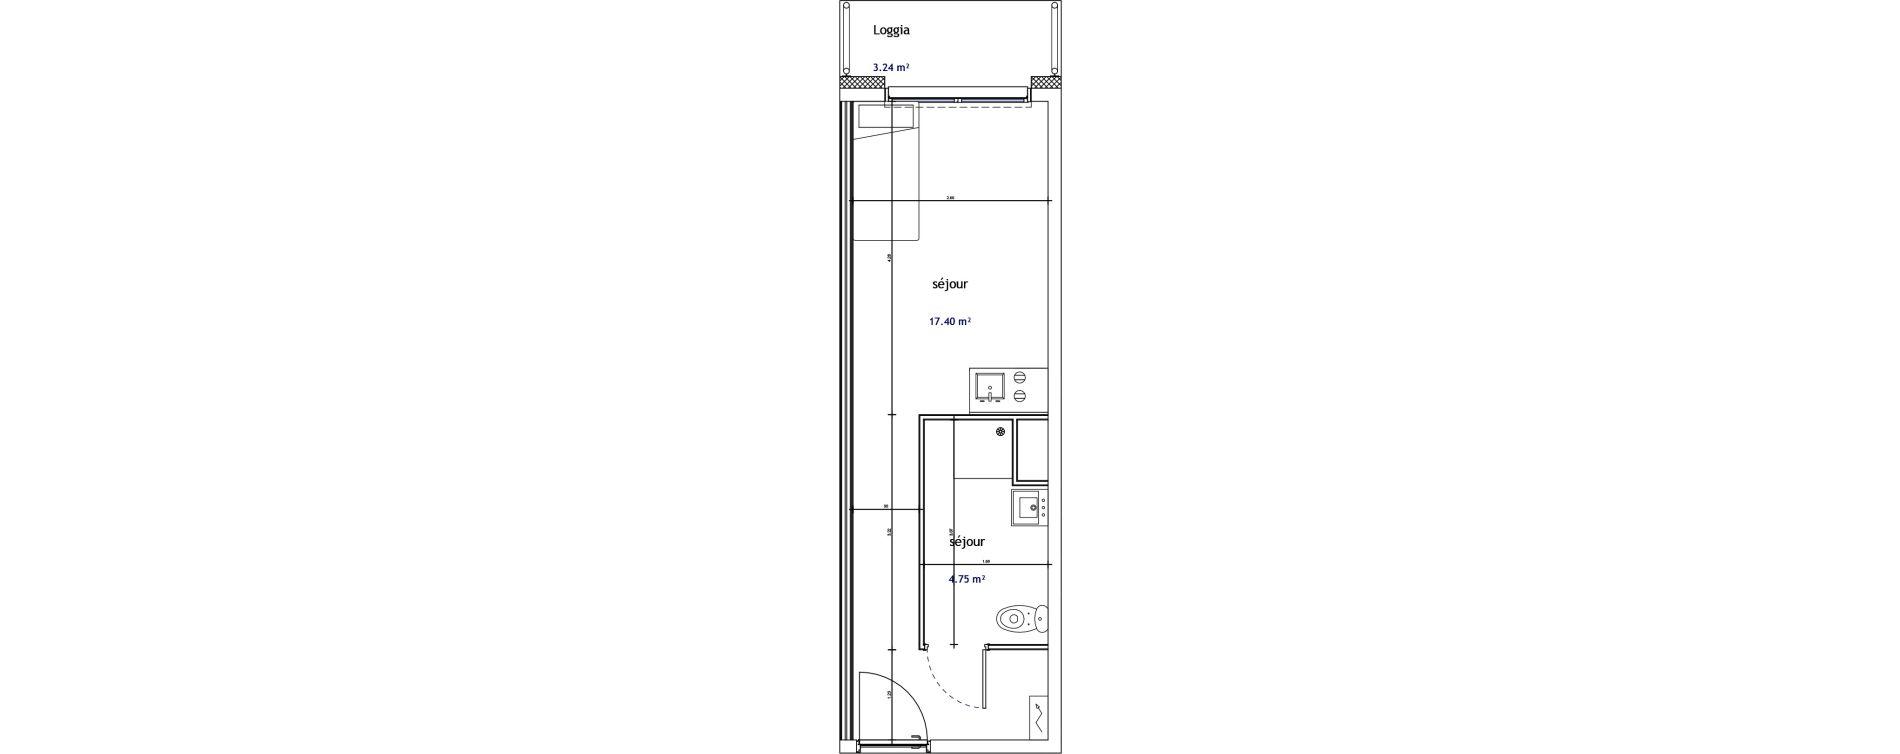 Appartement T1 de 22,14 m2 à Illkirch-Graffenstaden Les prairies du canal